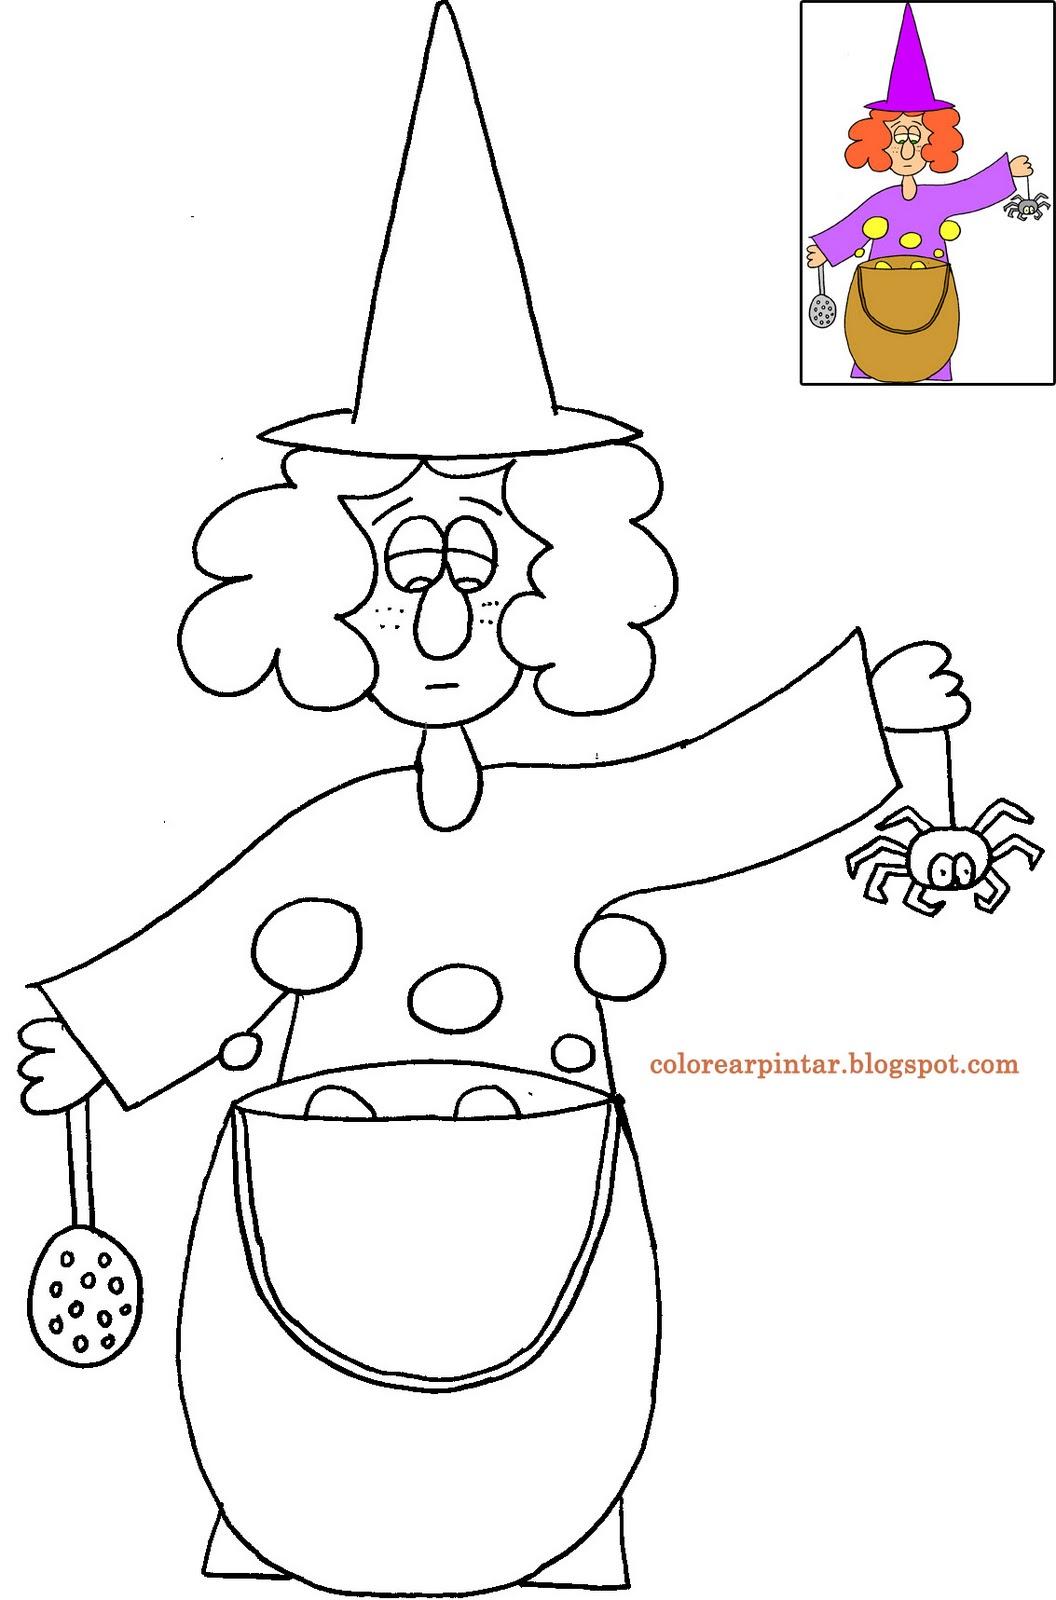 Dibujos - Fondos de escritorio - Imagenes: Bruja y caldero para colorear